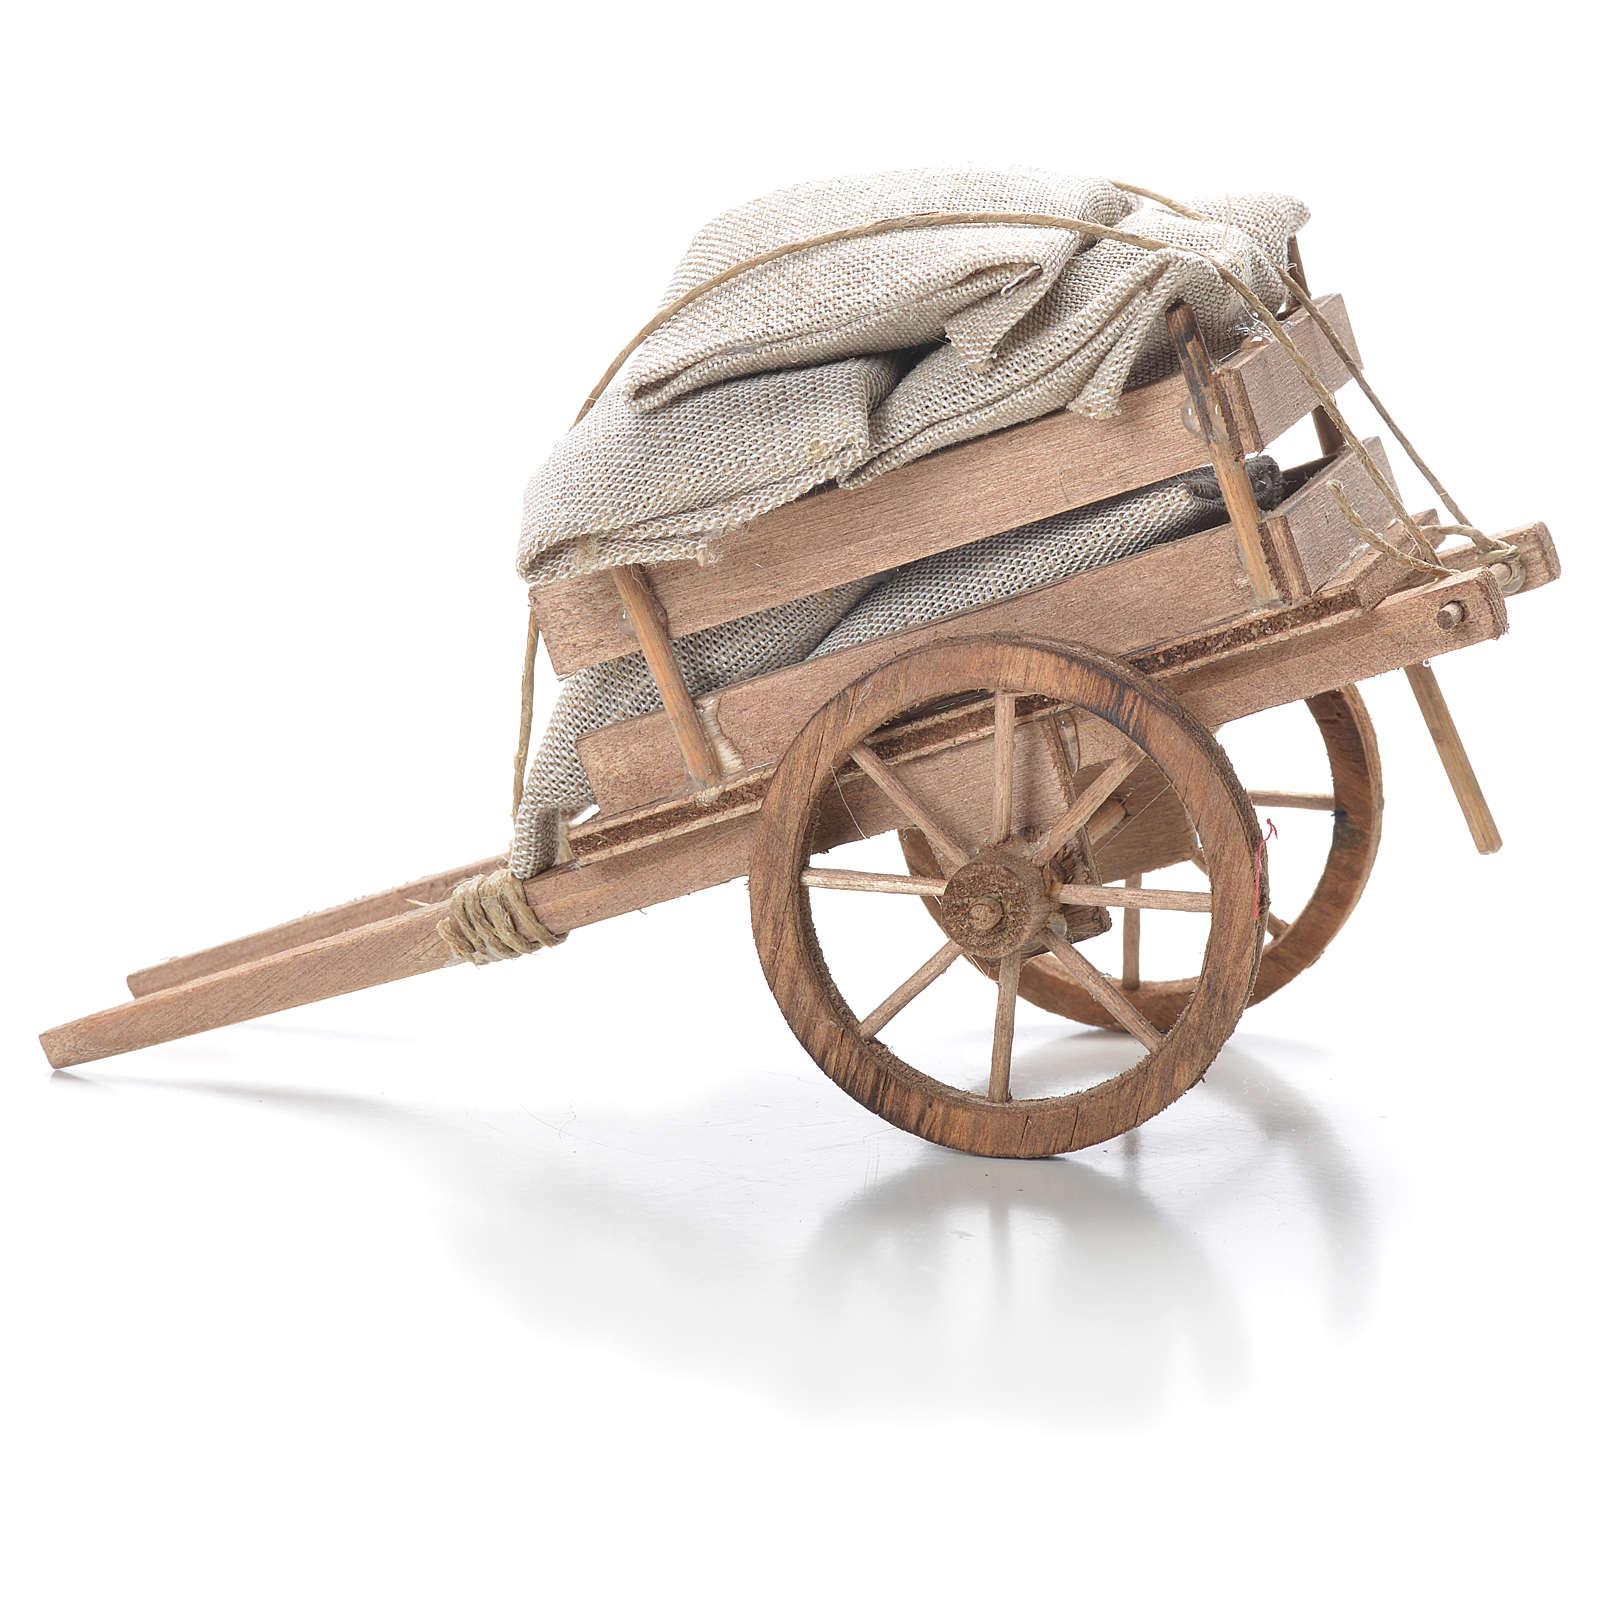 Cart with sacks, Neapolitan Nativity 10x18x8cm 4